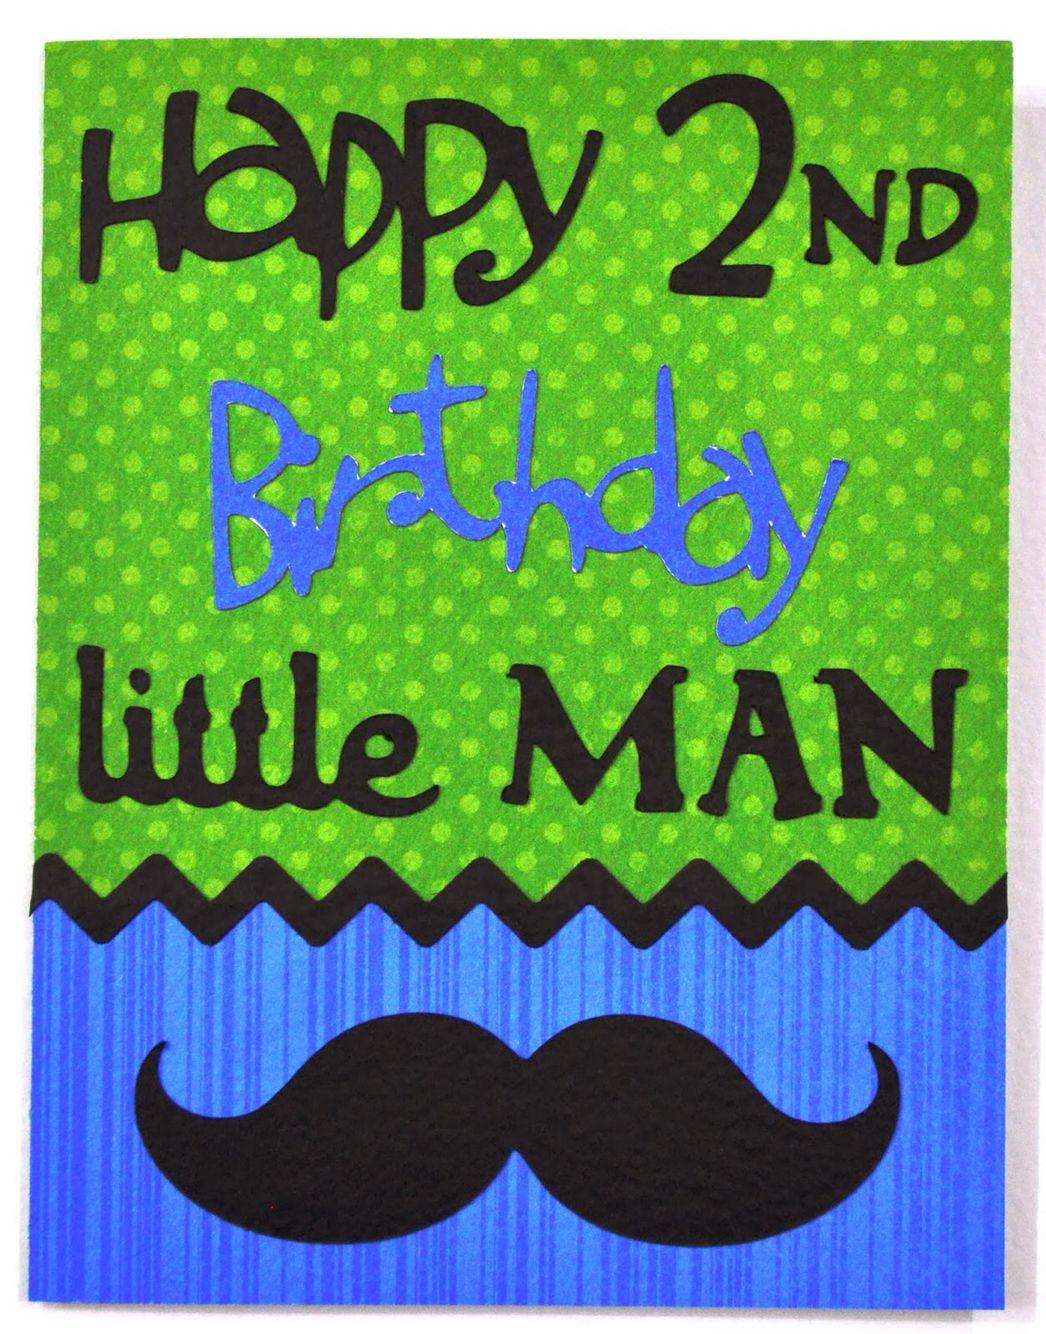 Happy Birthday To My Buddy Giovanni Jenleeoc27 Birthday Boy Quotes Happy 2nd Birthday Birthday Wishes For Kids